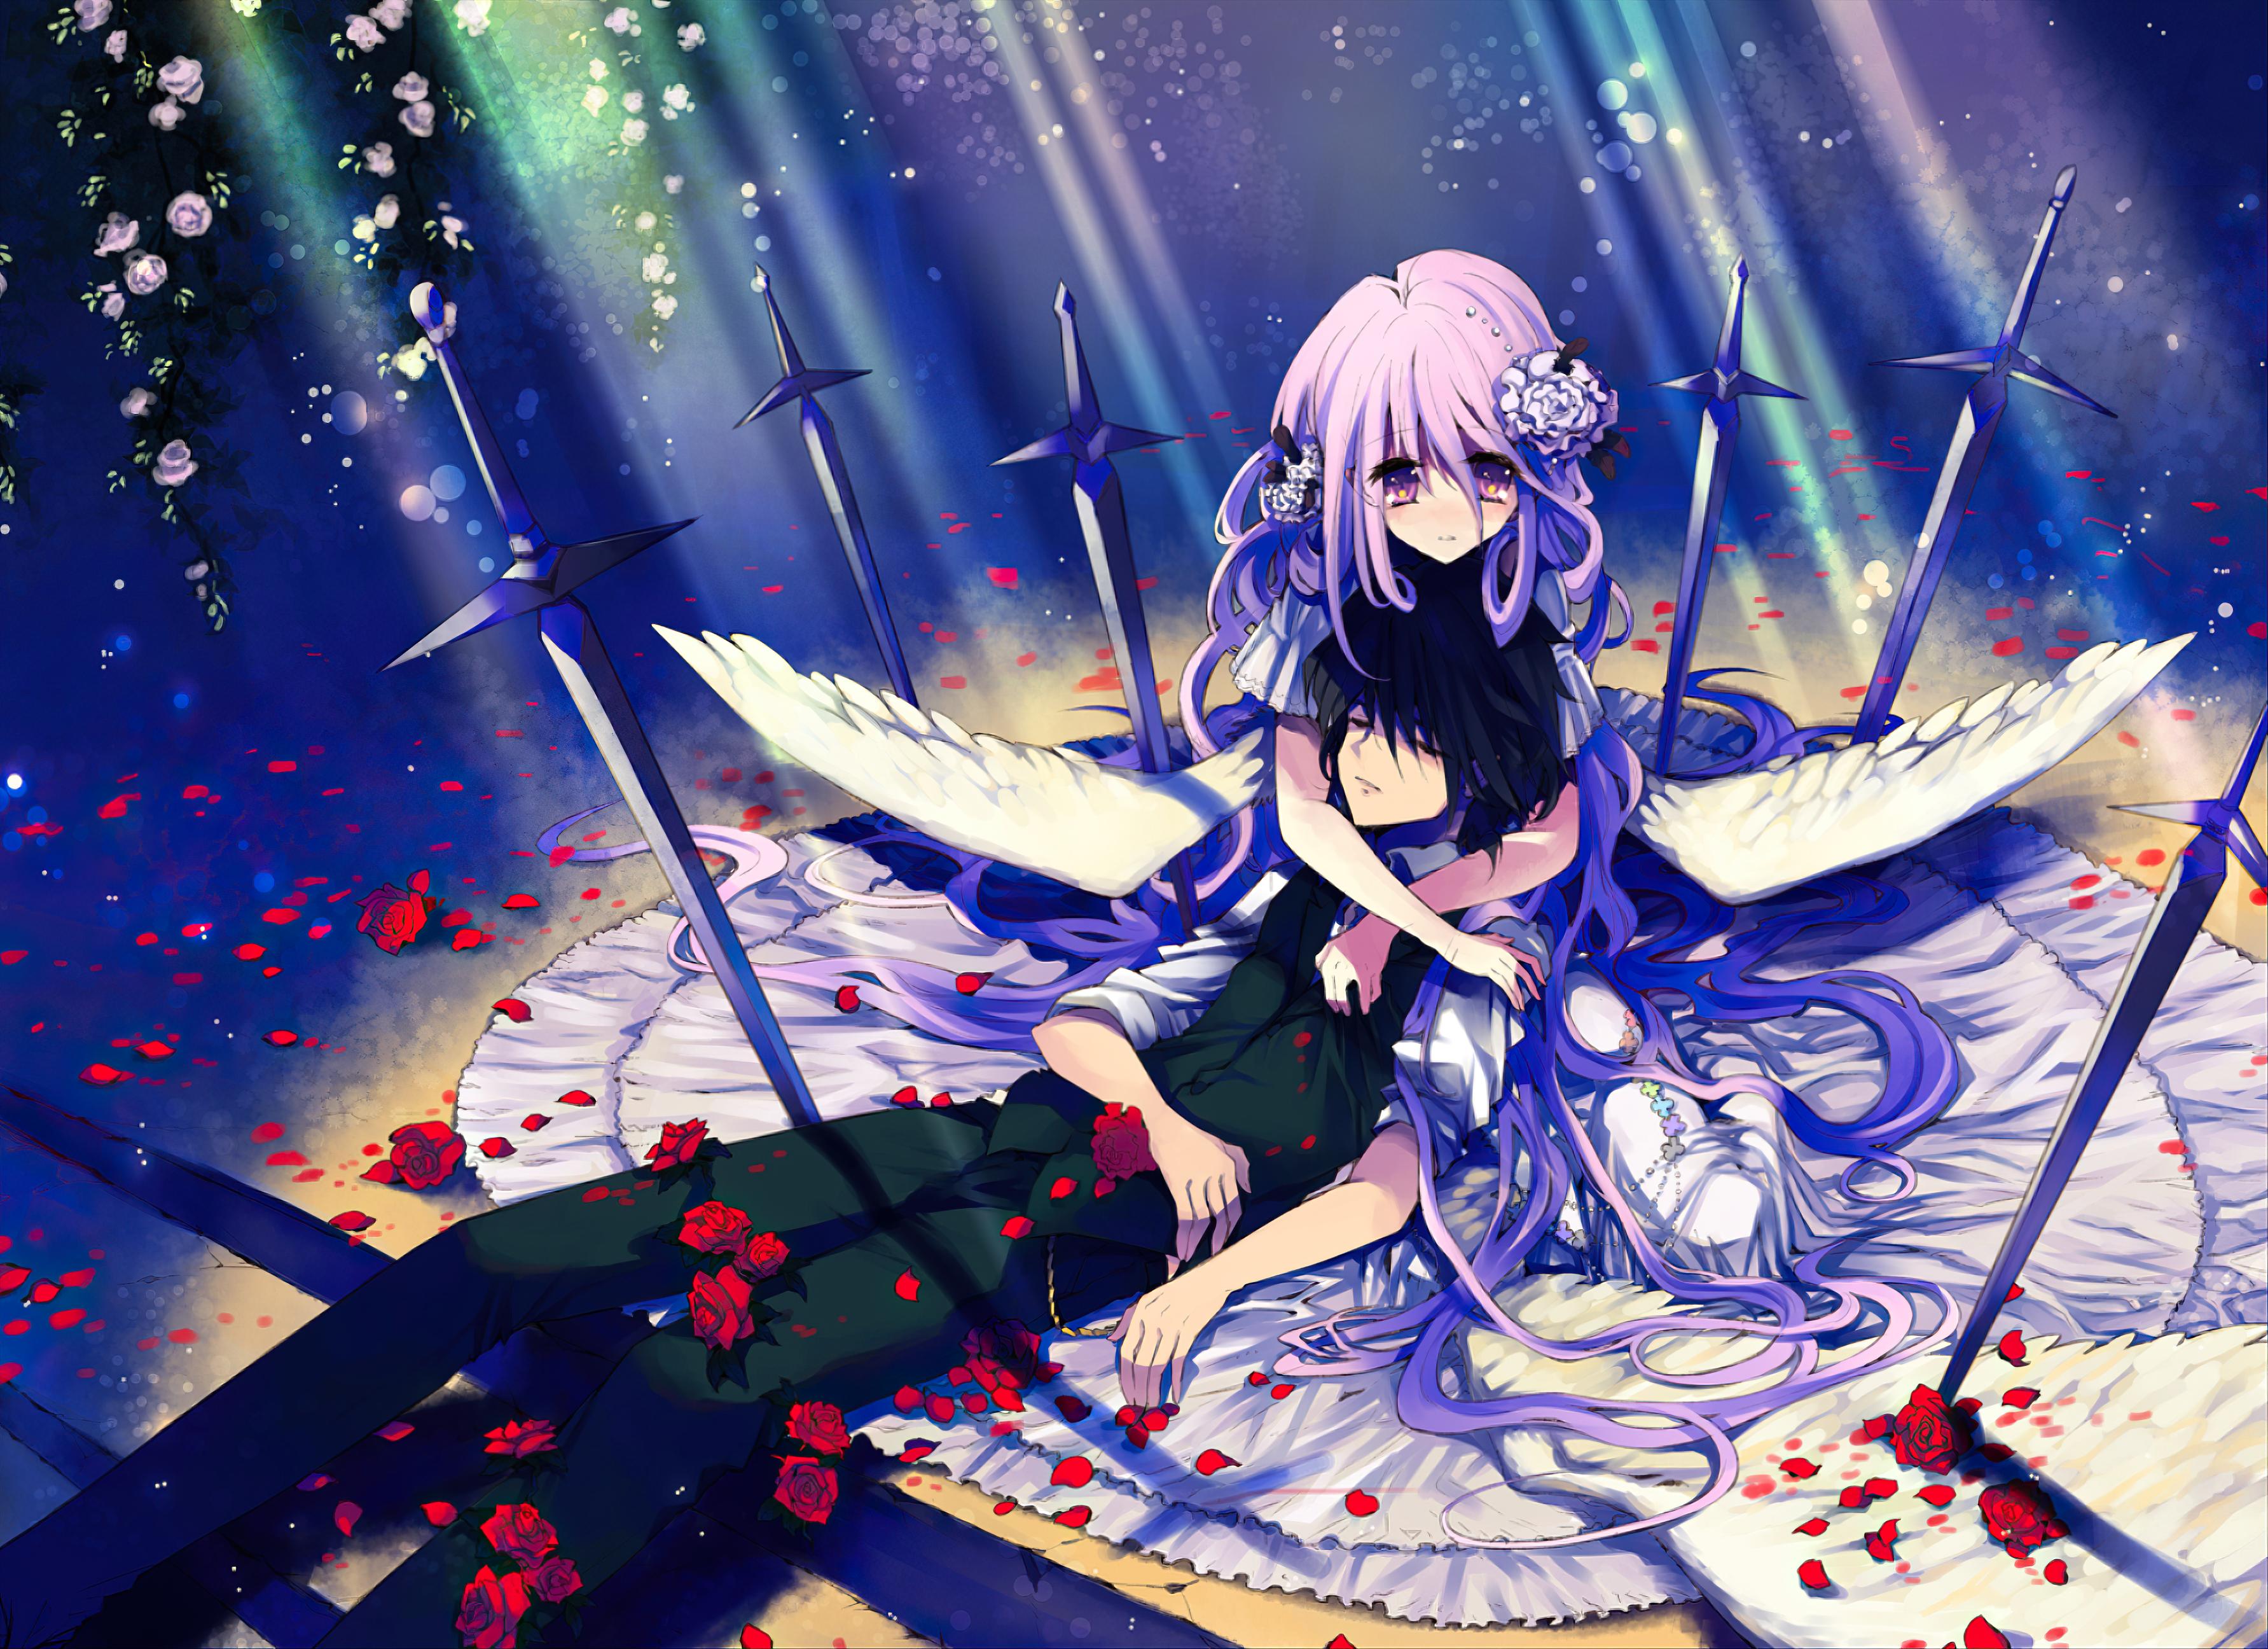 Black Hair Flower Long Hair Purple Eyes Purple Hair Short Hair Sword Wings 3566x2592